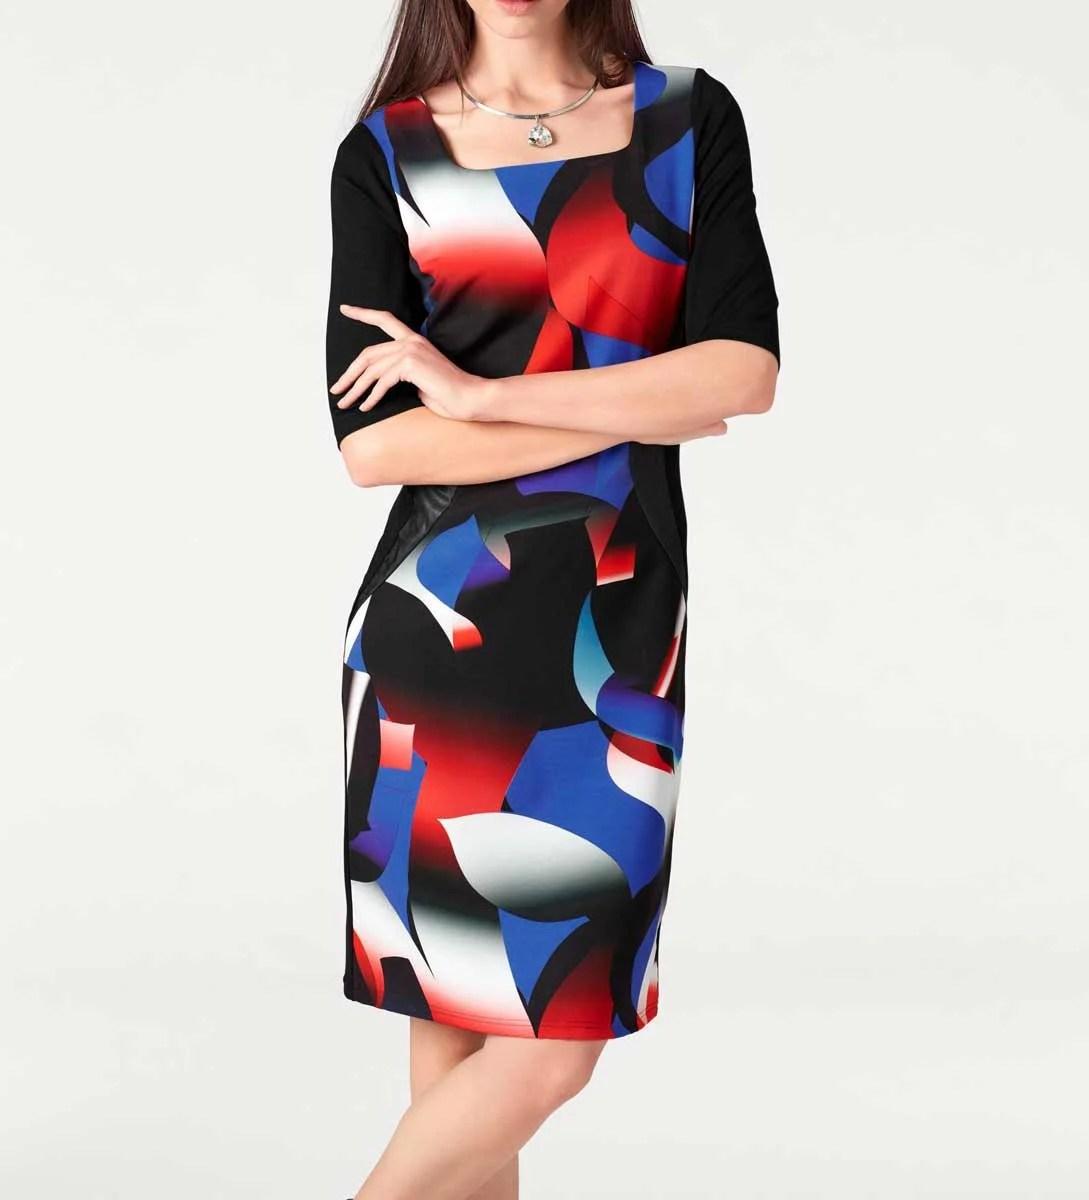 055.979 ASHLEY BROOKE Damen Designer-Etuikleid Schwarz-Bunt